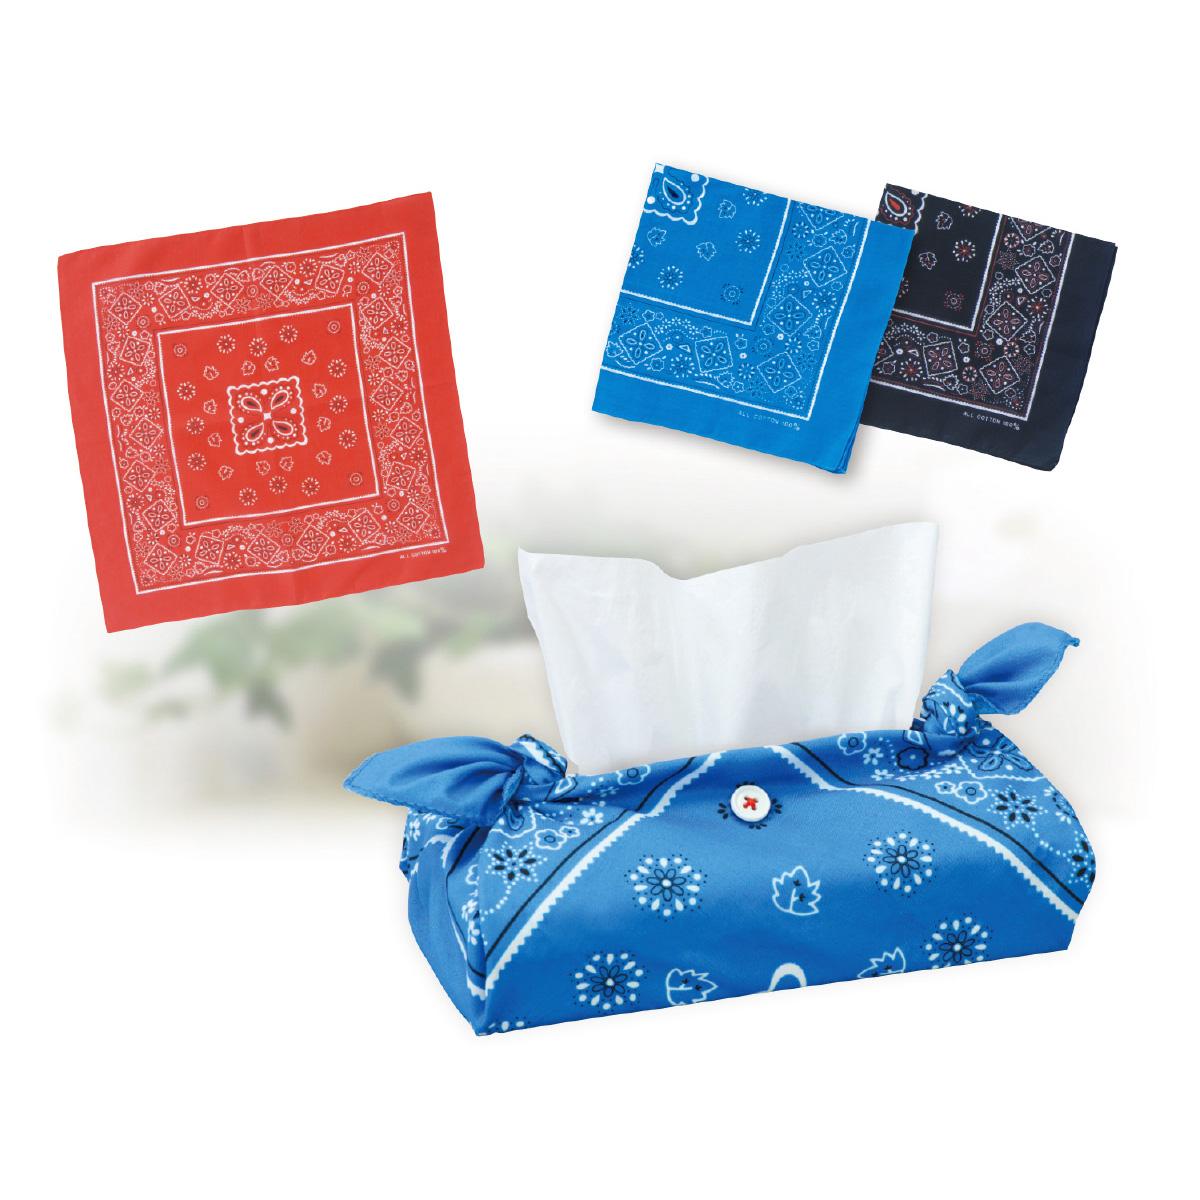 バンダナ ティッシュボックス カバー 手作り ティッシュケース 裁縫 工作 学校 教材 小学生 クラフト ホビー